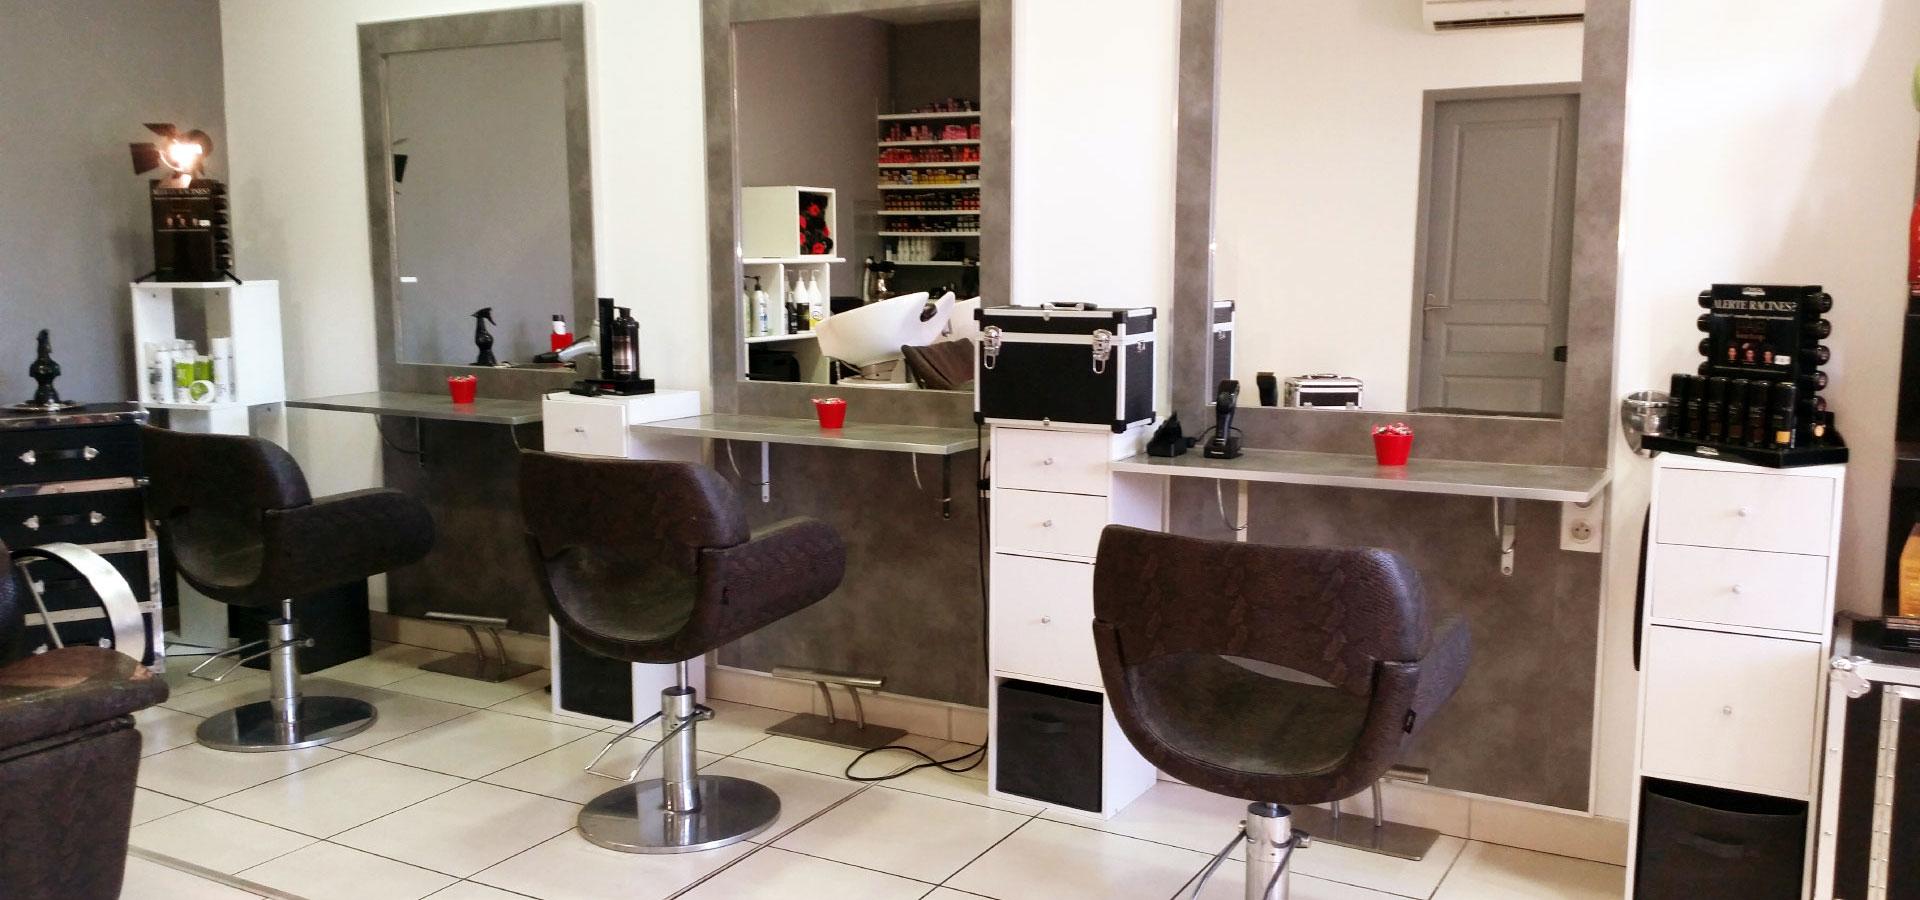 Coiffeur isle sur la sorgue coiffure fetes createur styliste - Salon de coiffure libanais paris ...